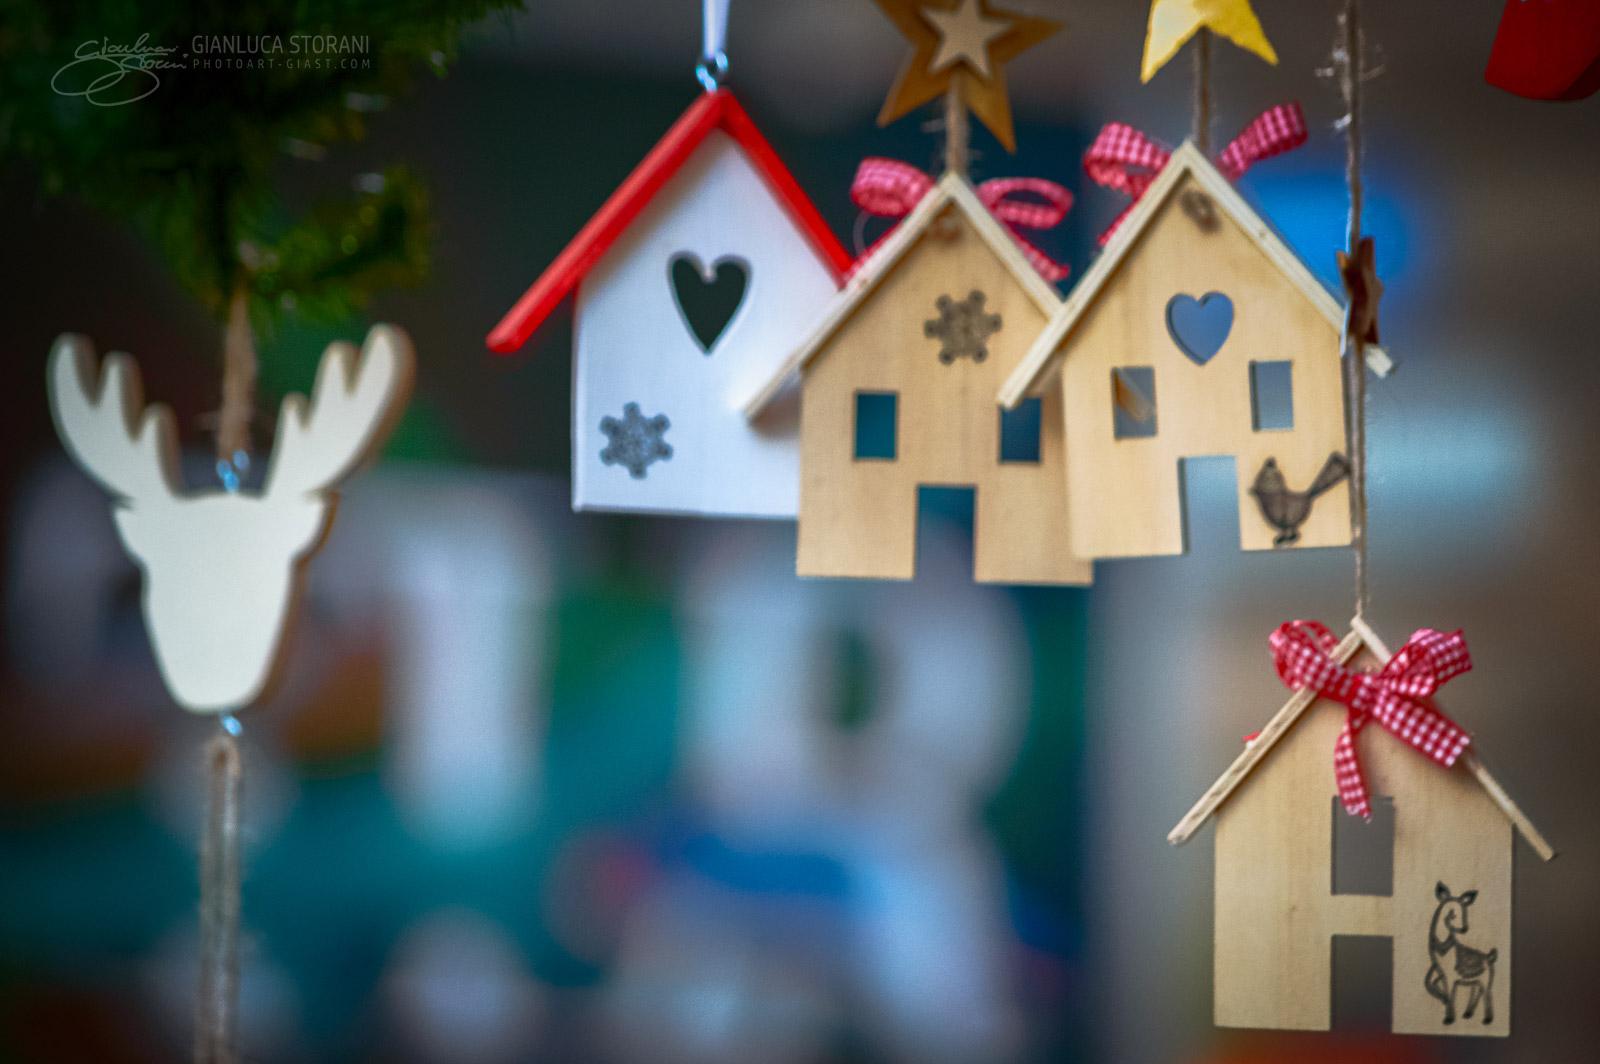 Il barattolo di Natale - Gianluca Storani Photo Art (ID: 4-7021)